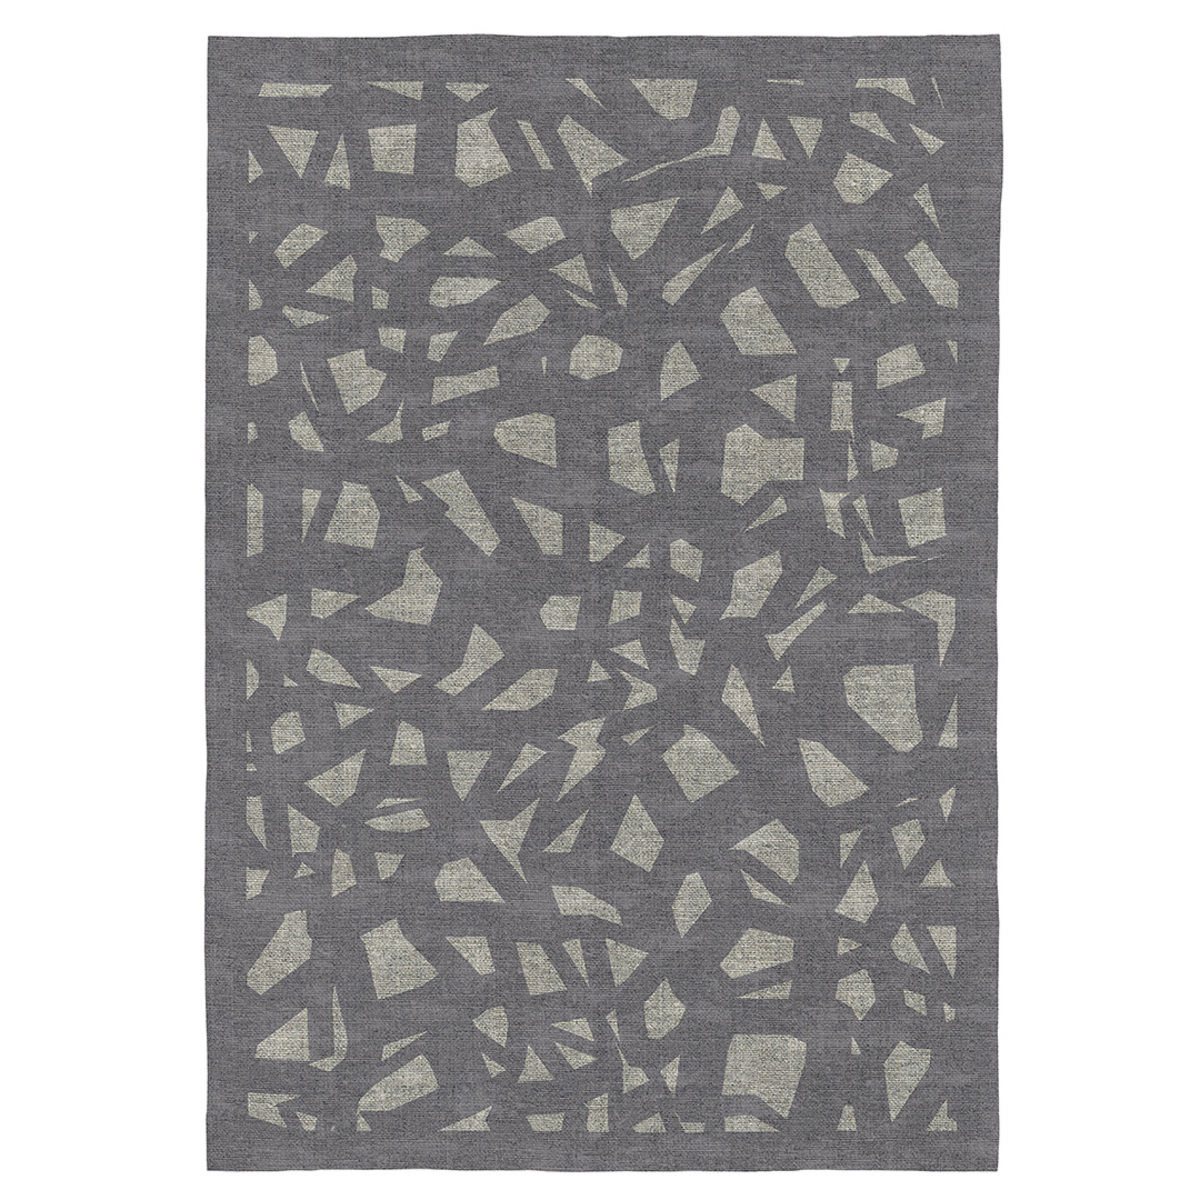 Tapis décoratif en coton imprimé numérique gris 200x290 cm